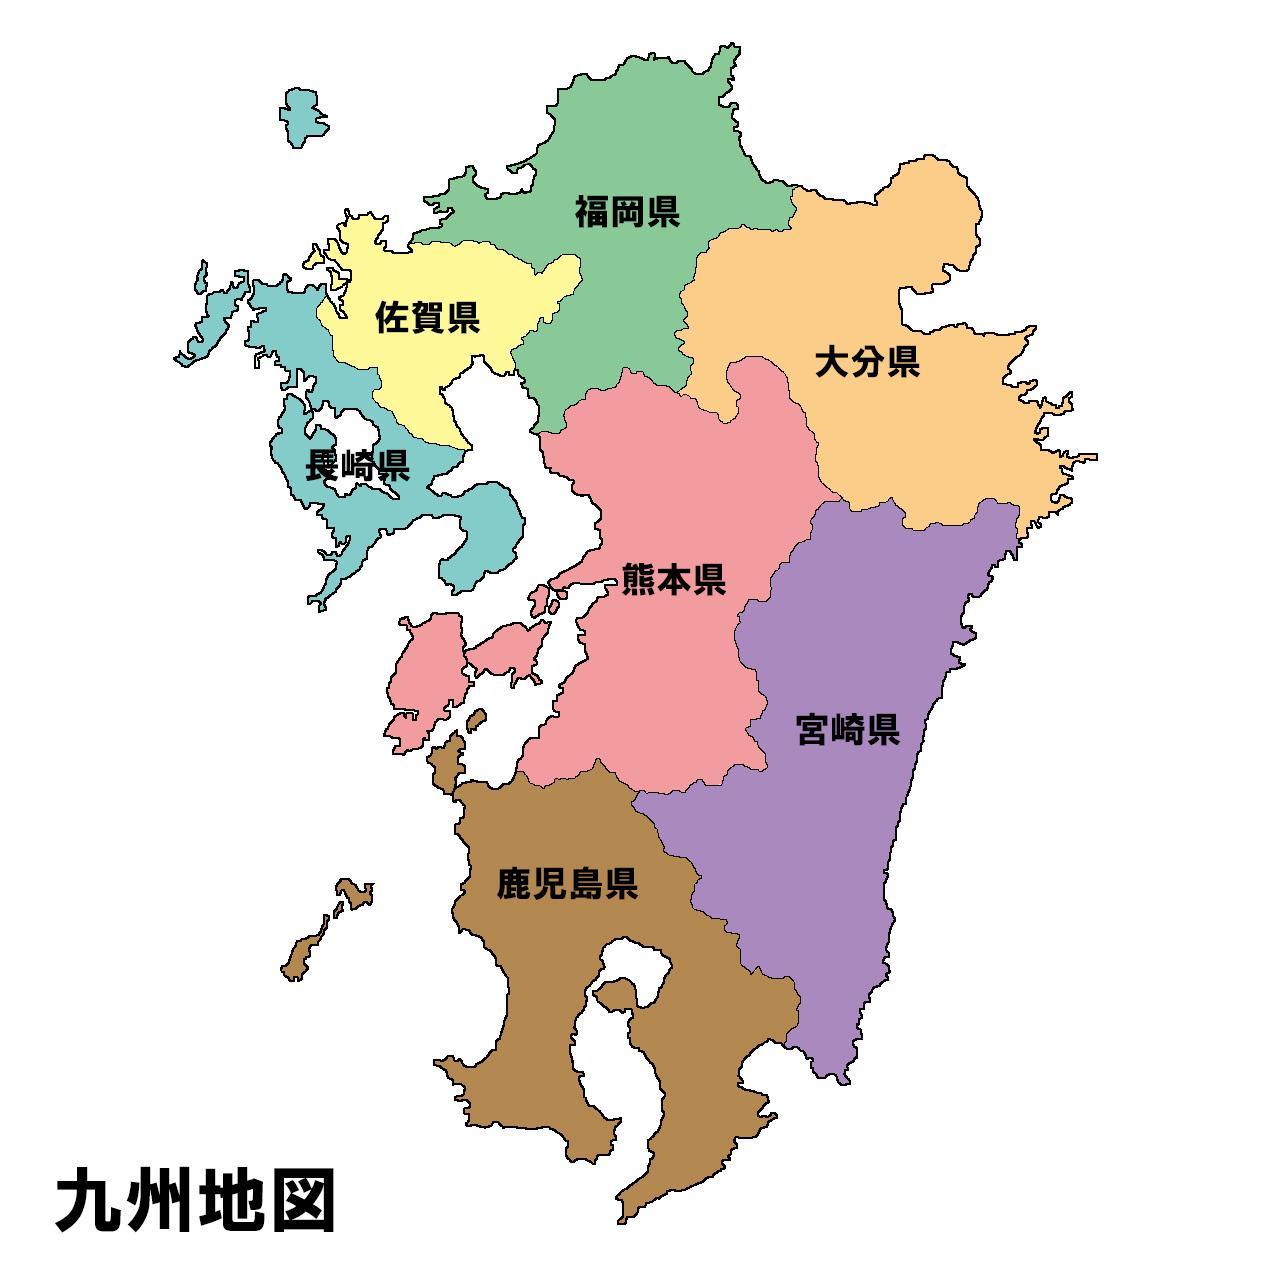 九州と西海道